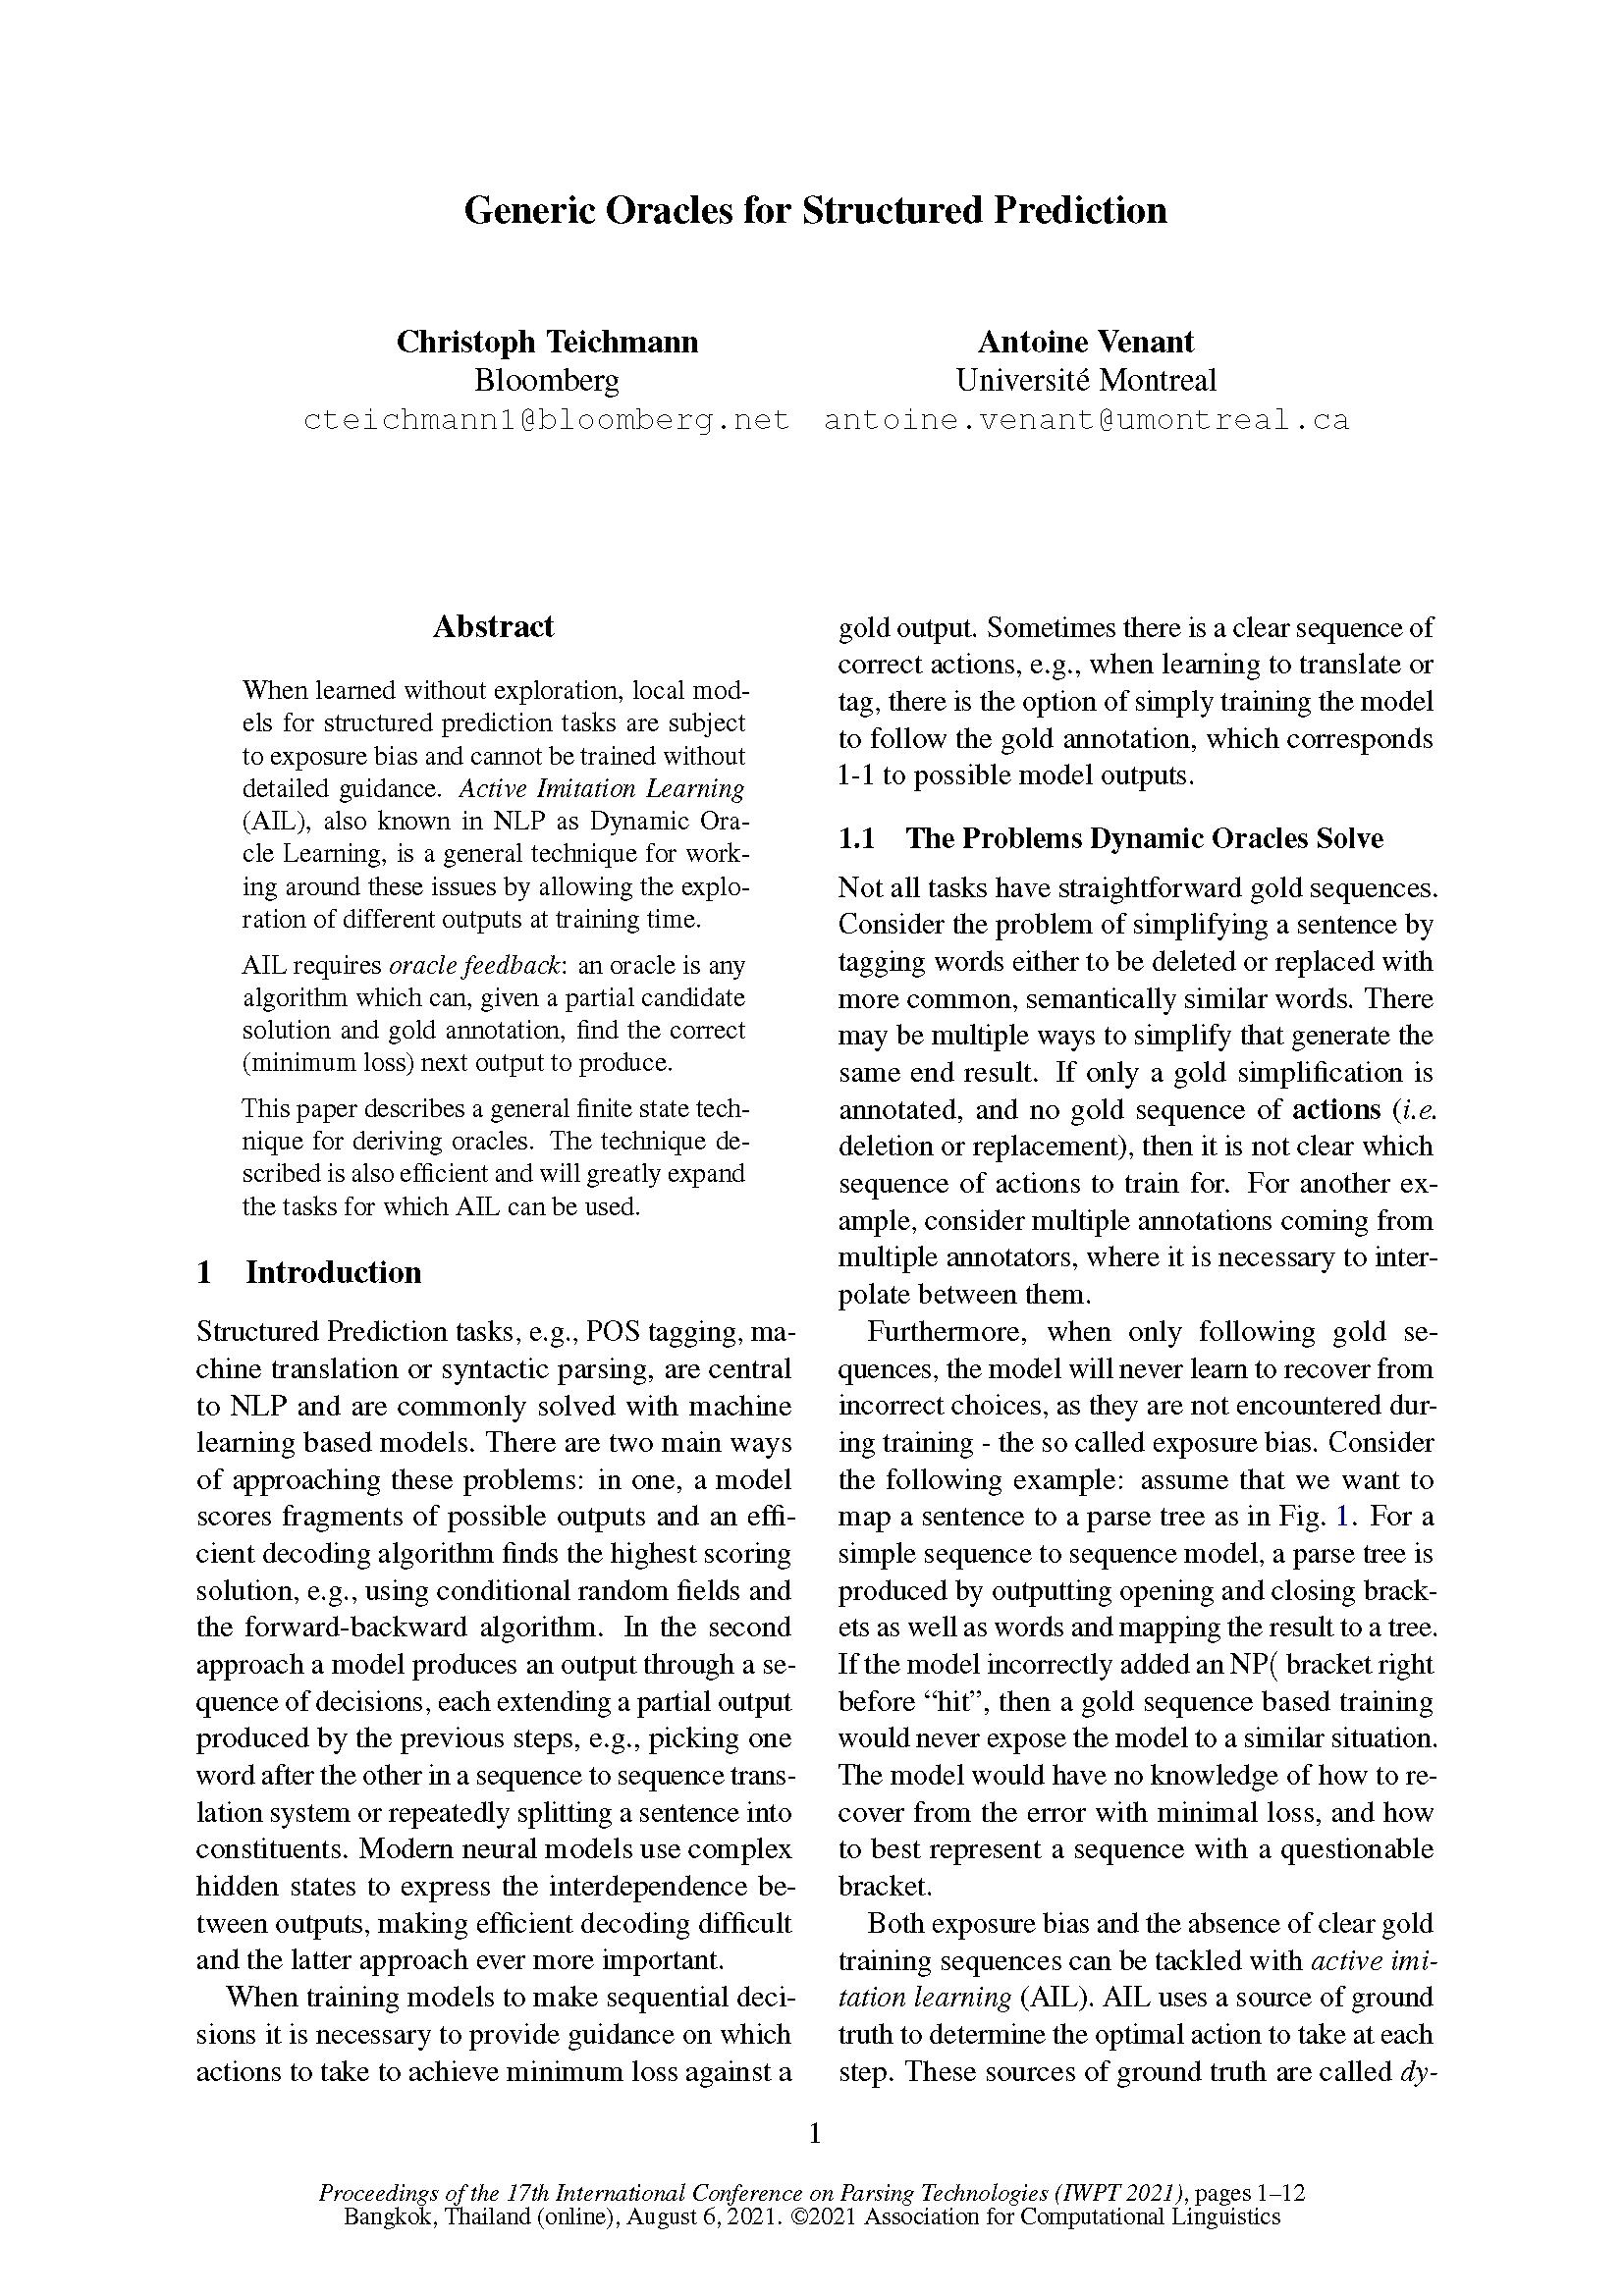 """点击此处阅读2021年8月6日在IWPT 2021上发布的""""结构化预测的通用预言"""""""